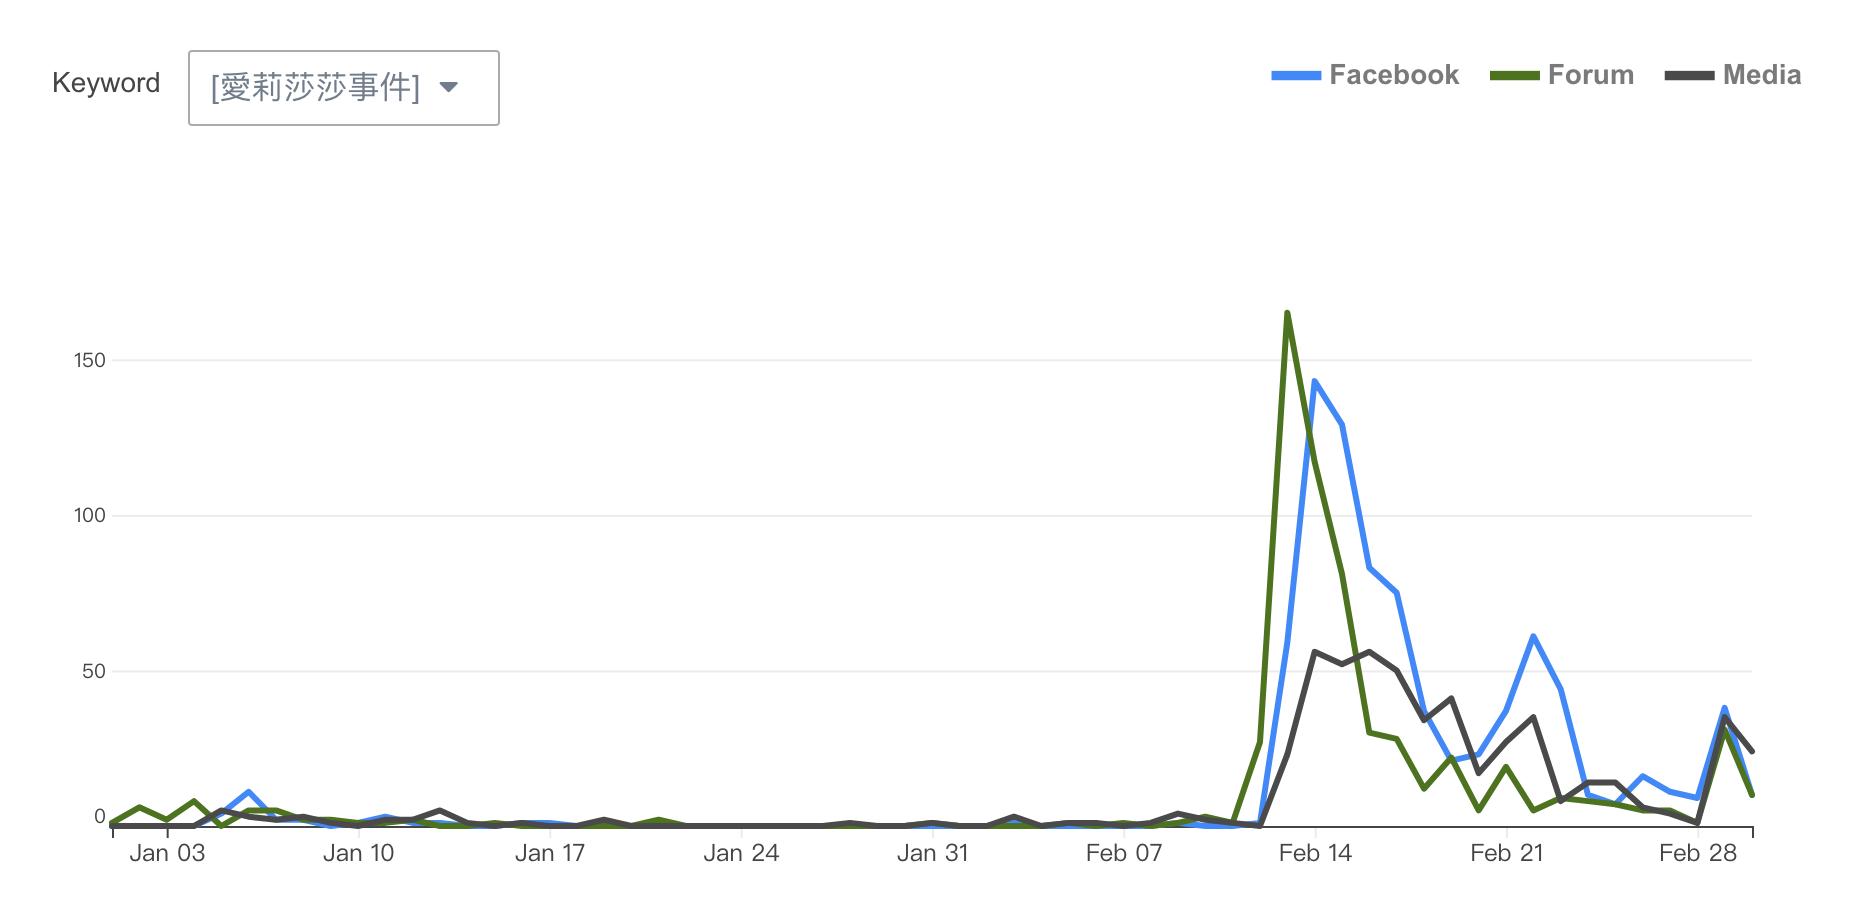 愛莉莎莎爭議 - 網路聲量趨勢圖